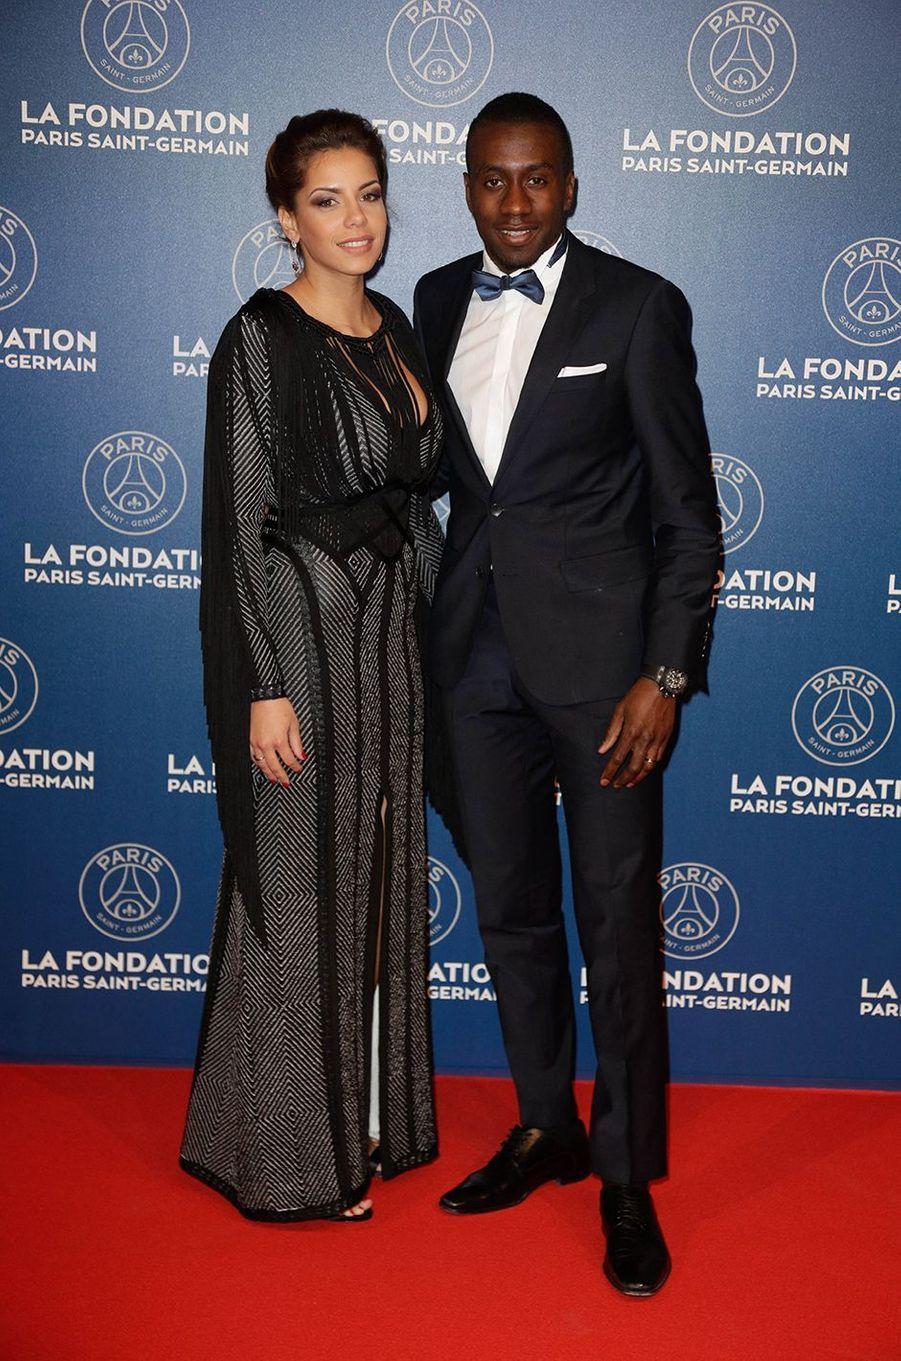 Isabelle et Blaise Matuidi lors du gala annuel de la Fondation PSG à Paris en mars 2016